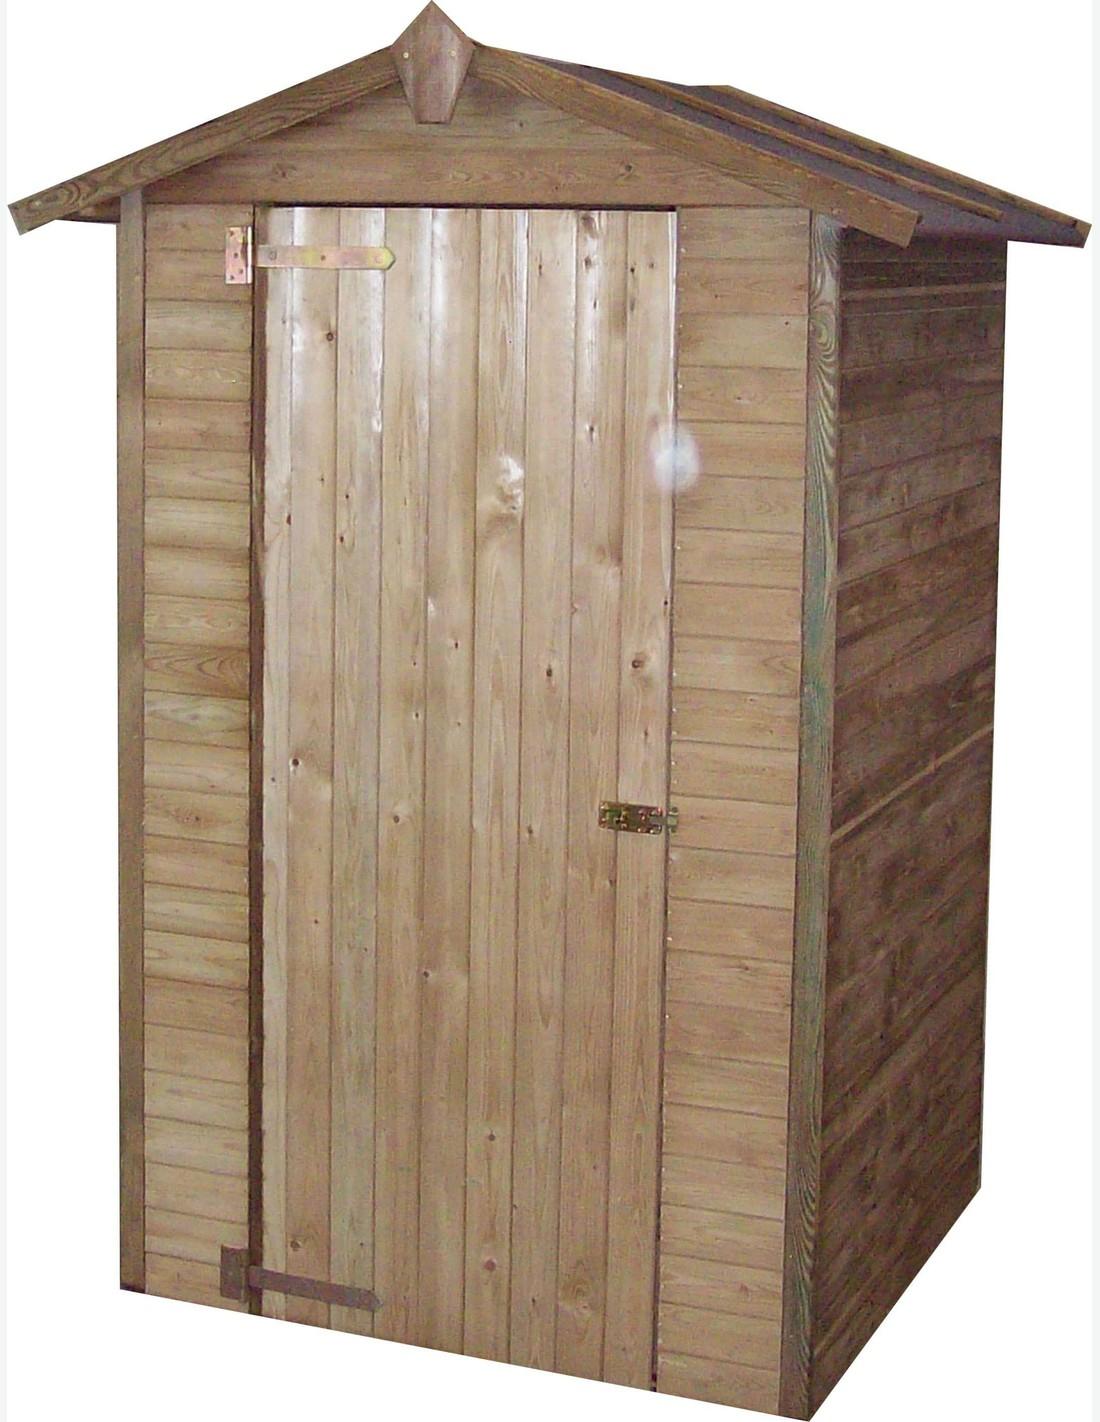 Ripostiglio casette in legno da giardino avantishop - Ripostiglio in legno da giardino ...